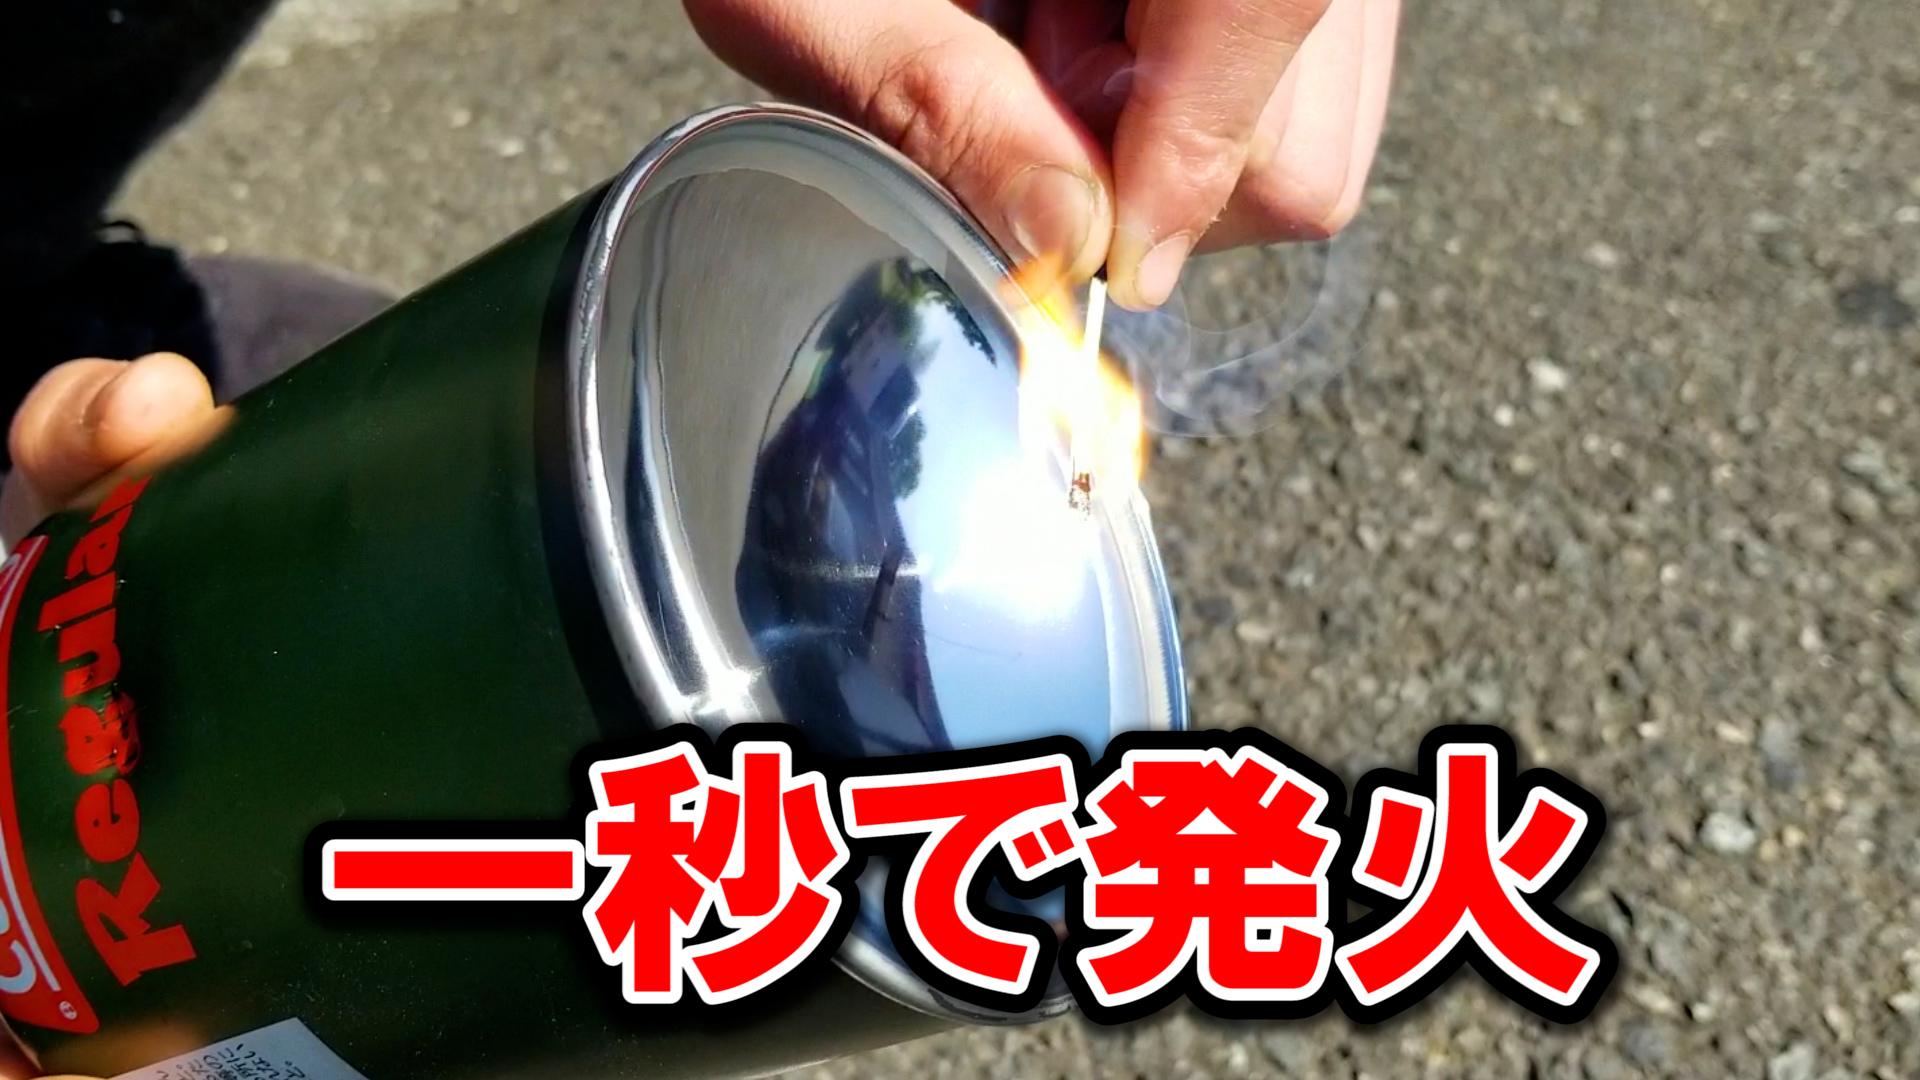 シュボッ!! っと発火!!!!